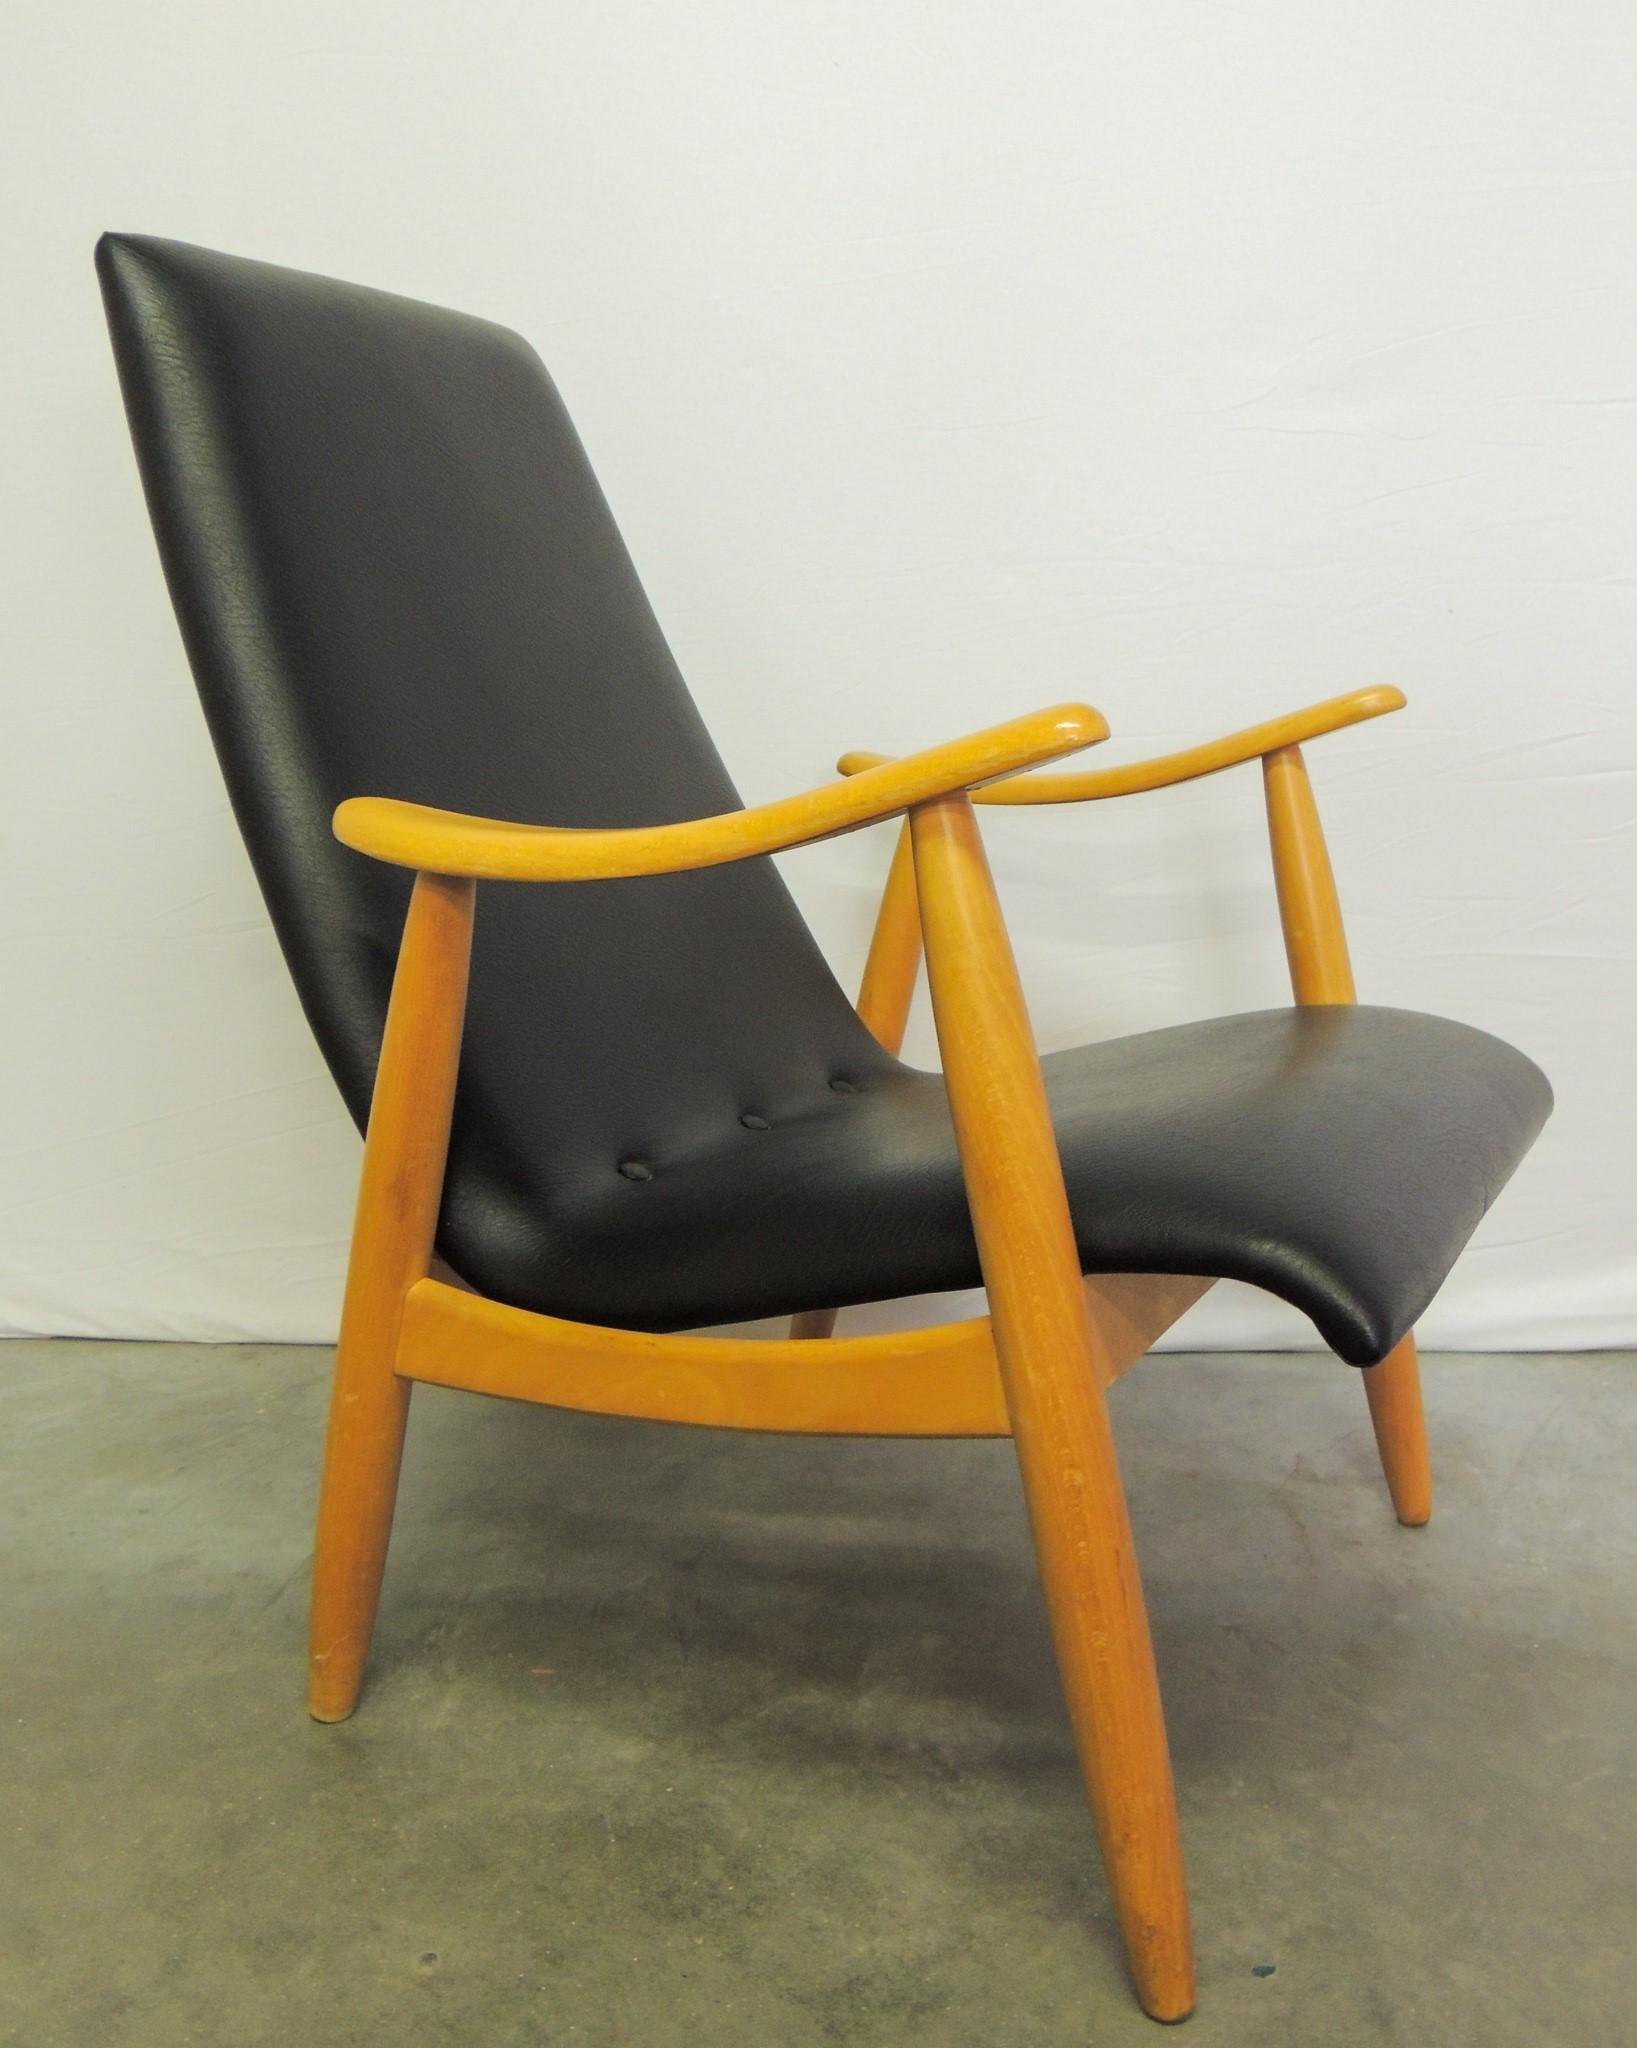 60s lounge Van Teeffelen style